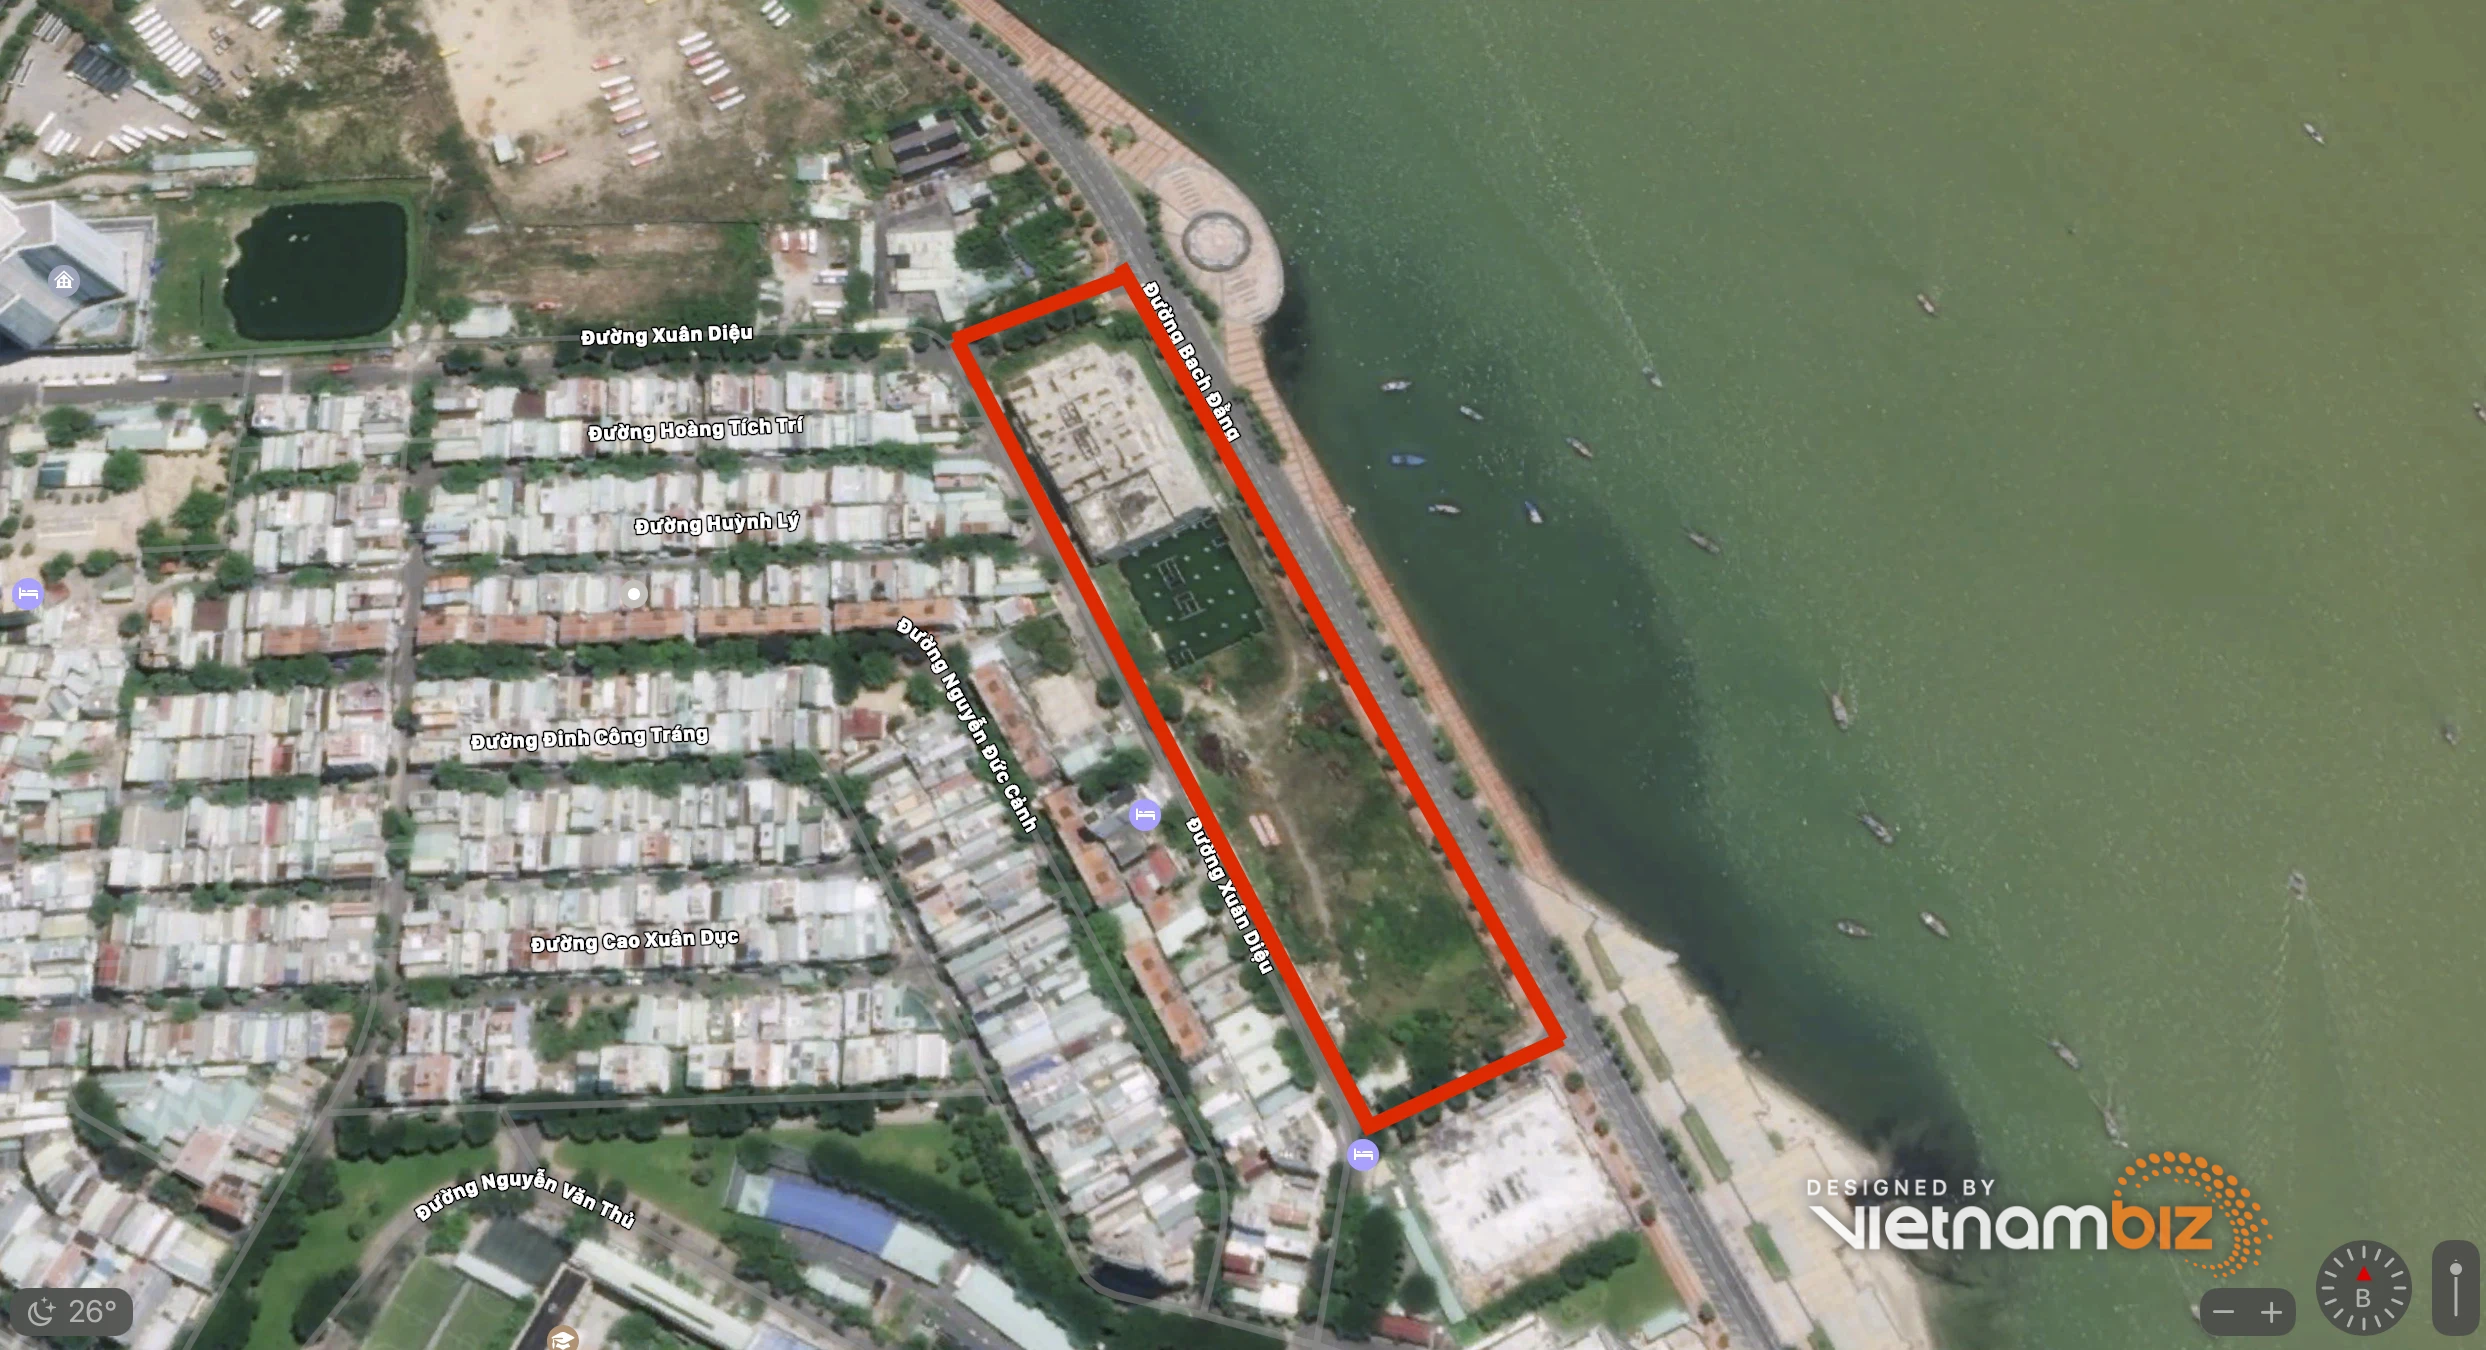 Dự án chung cư cao cấp bỏ hoang trên đất vàng mặt tiền sông Hàn Đà Nẵng - Ảnh 2.